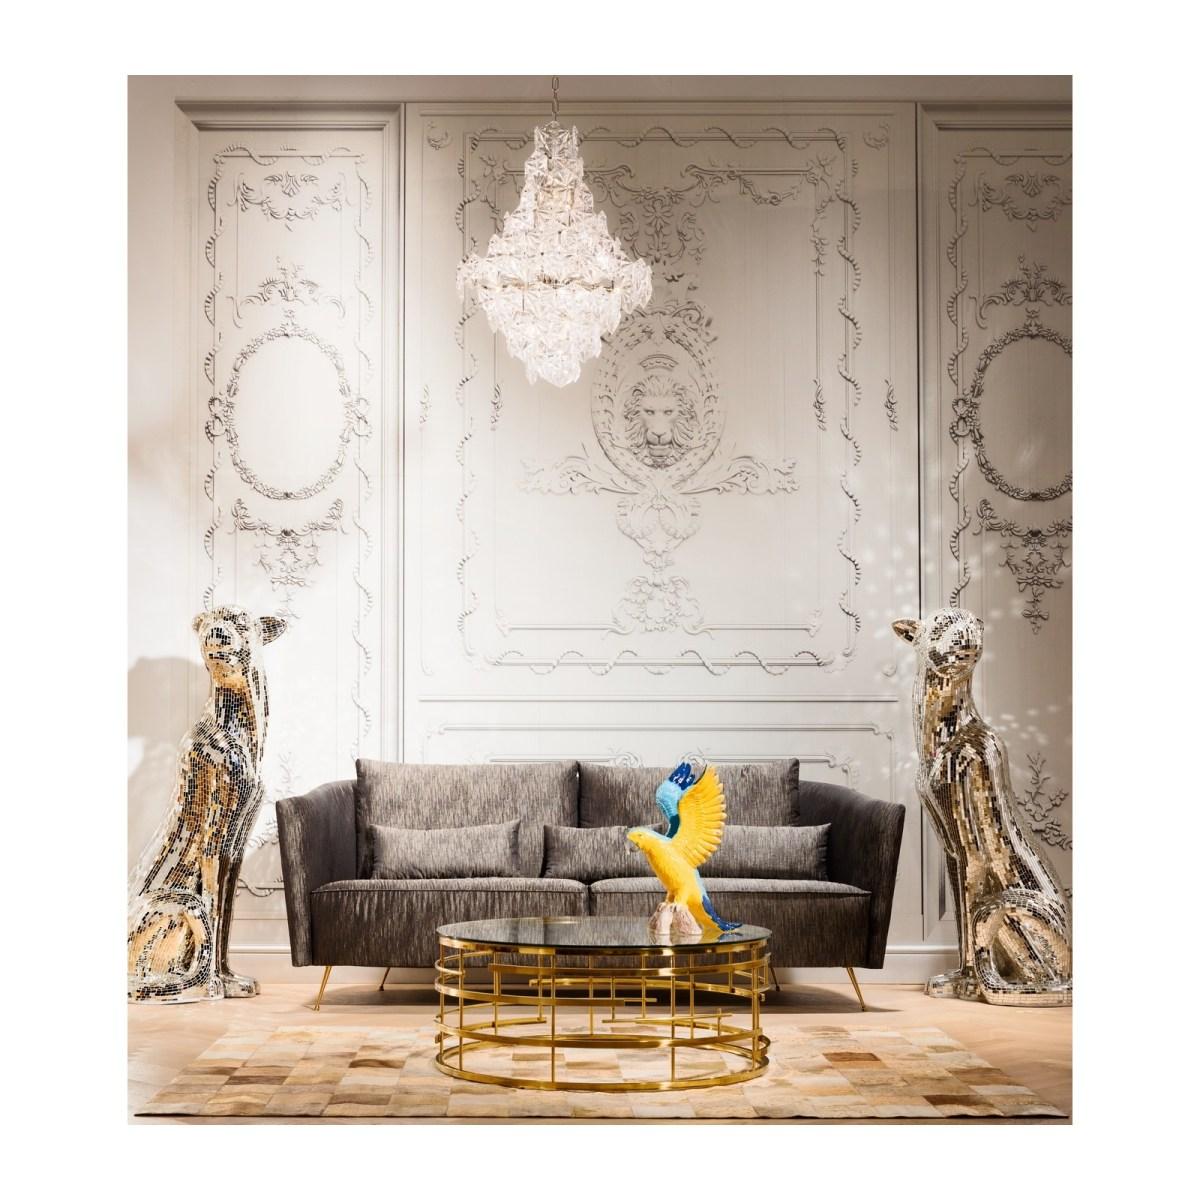 Soldes Kare Design Maison > Décoration > Tapis Tapis Patchwork Vegas Cuir 170x240cm Kare Design